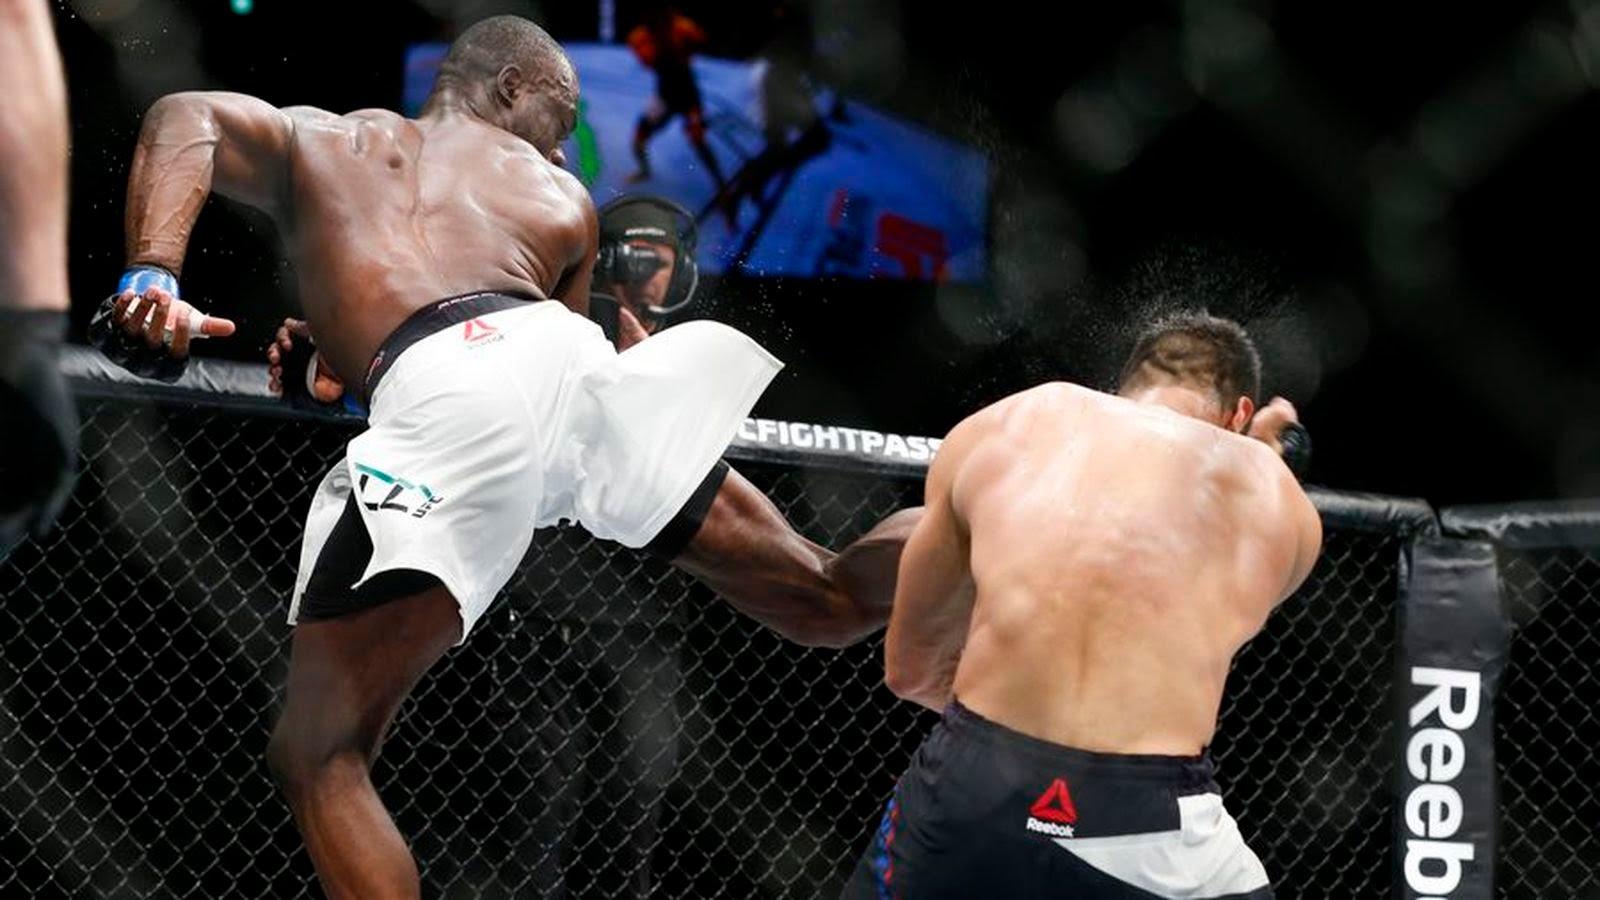 Após tomar atraso no 1º round, Hall mandou um rodado escorado de surpresa e pegou em cheio em Mousasi (Foto: Getty Images)